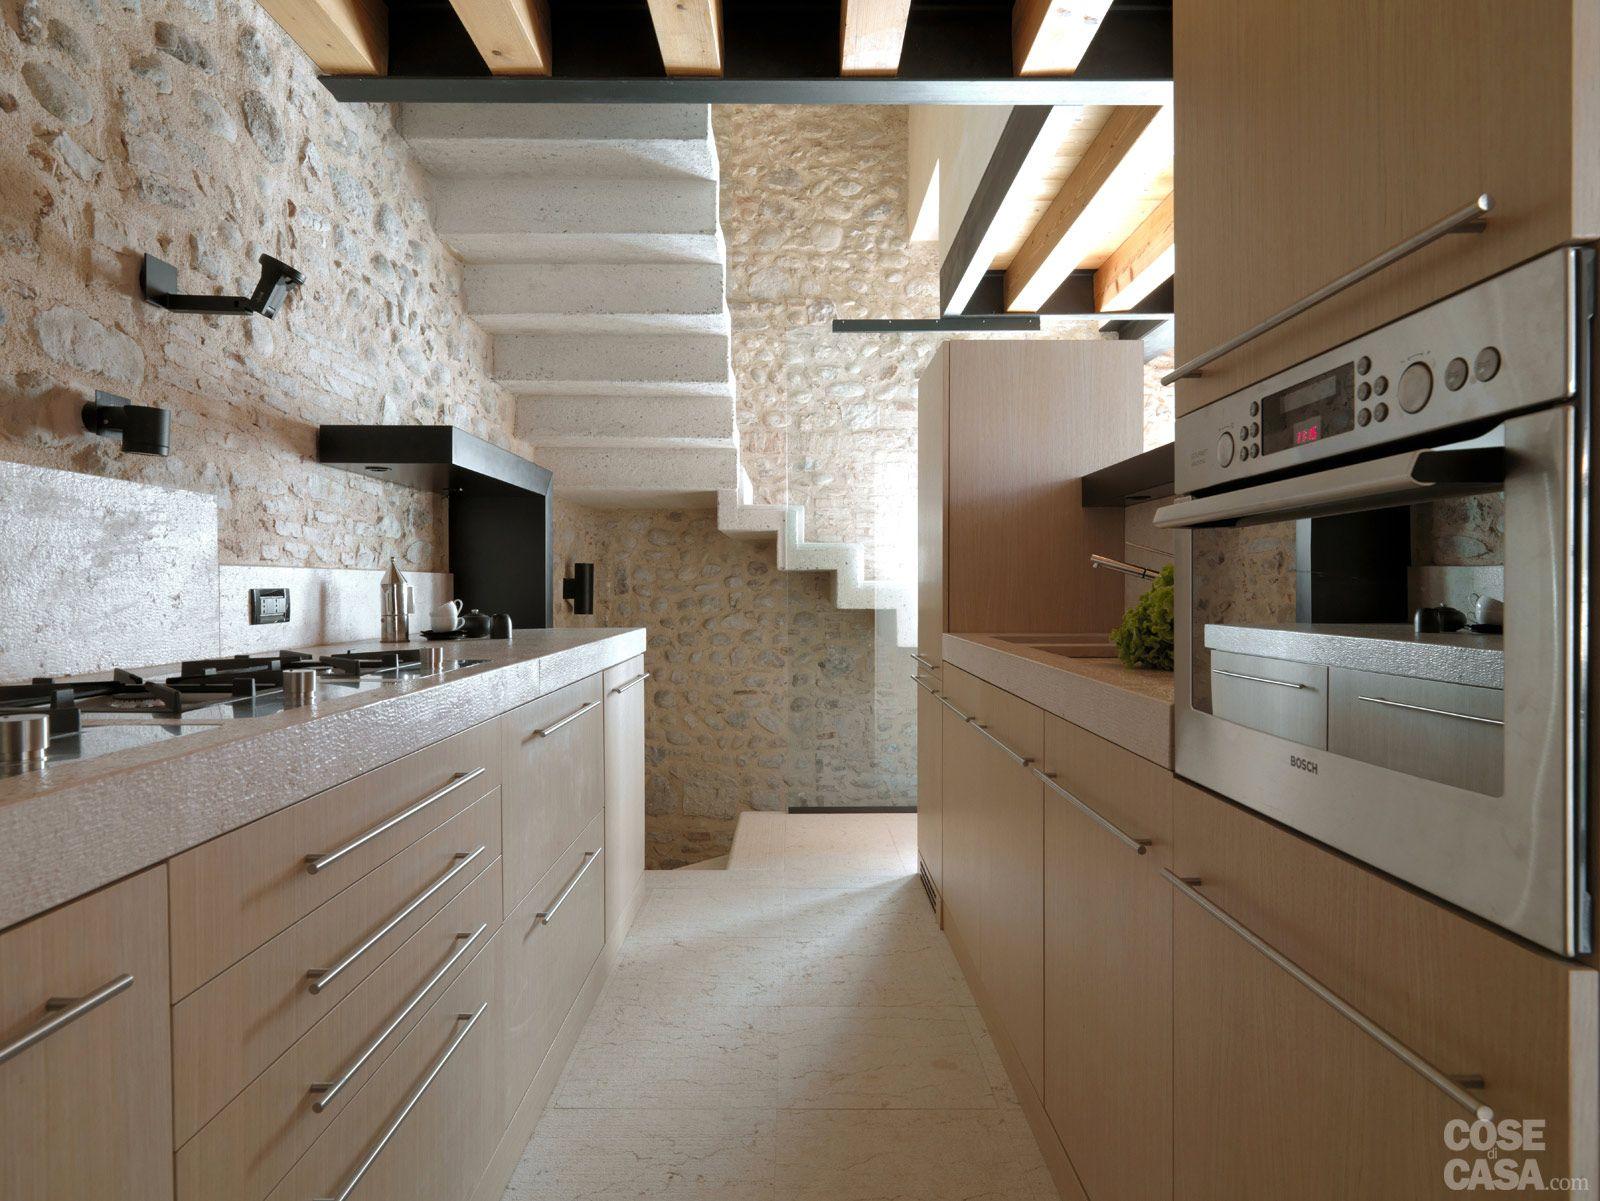 Legno e pietra a vista nella casa restaurata interni for Interni casa design